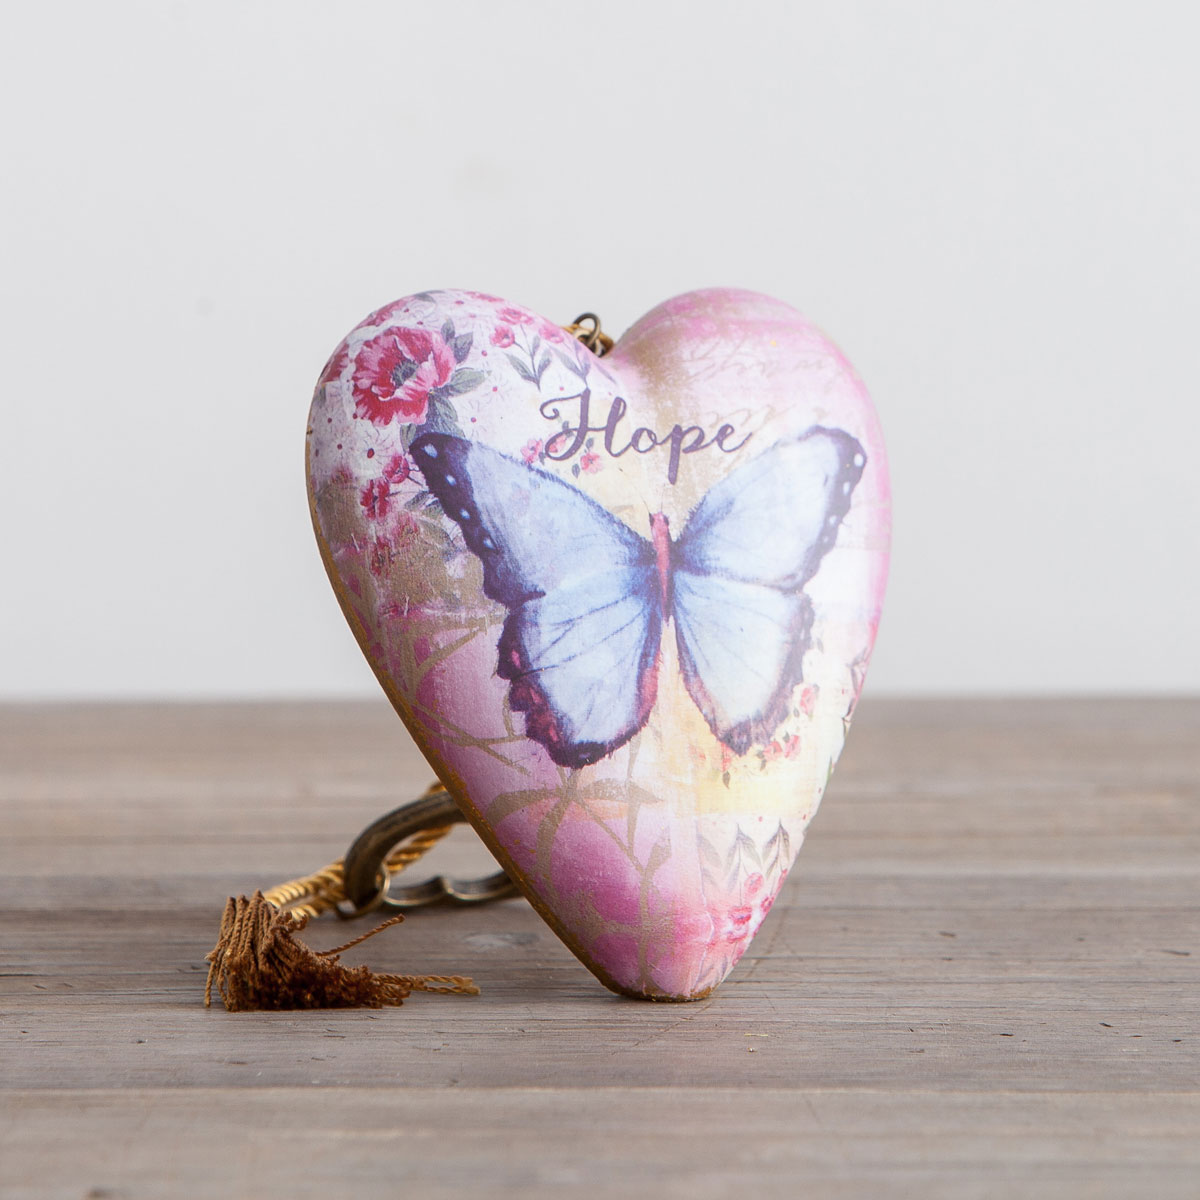 Hope - Art Heart Sculpture